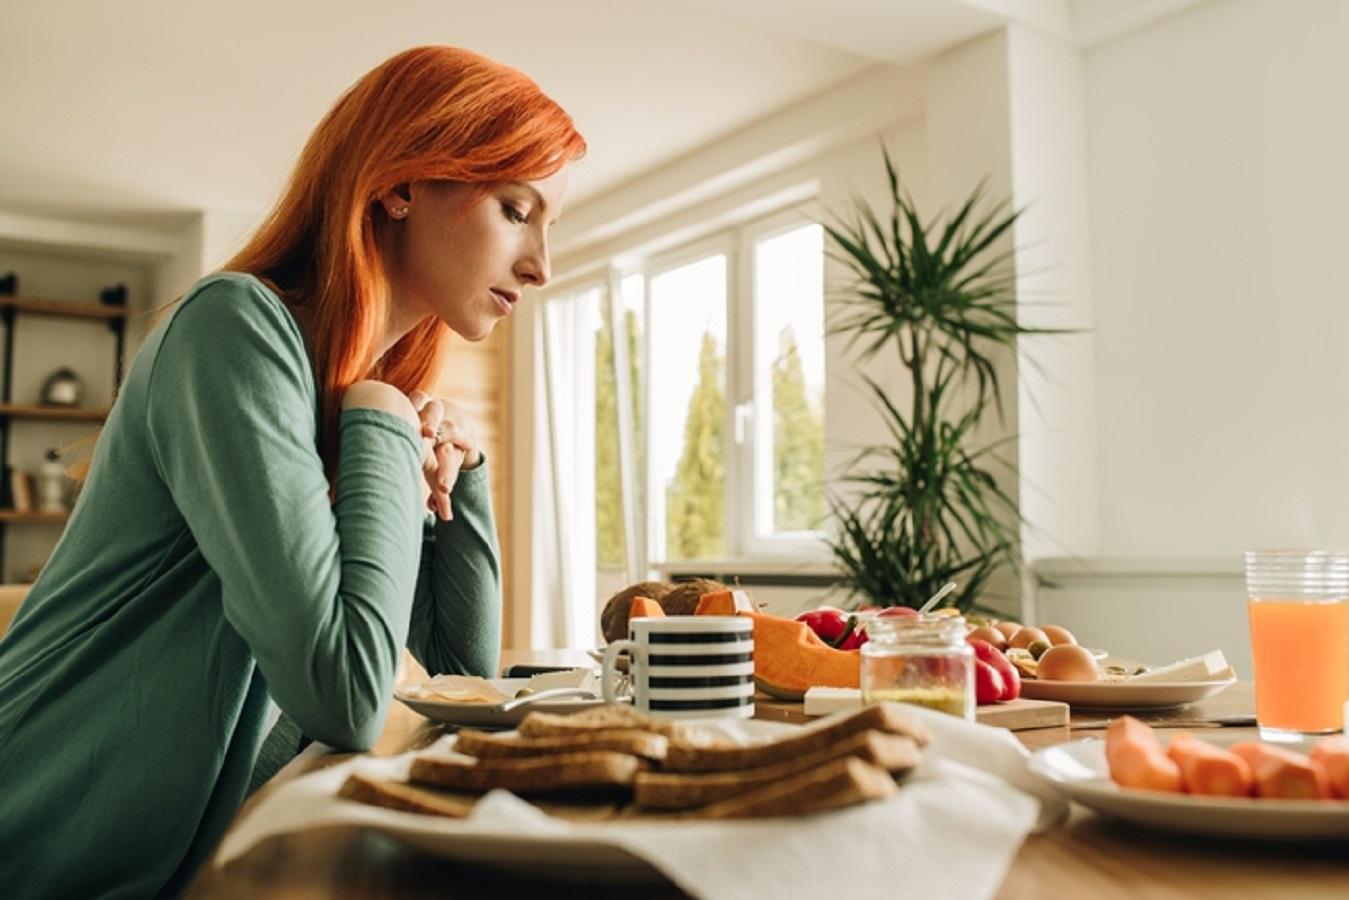 Dimagrire, 6 consigli per bruciare i grassi velocemente